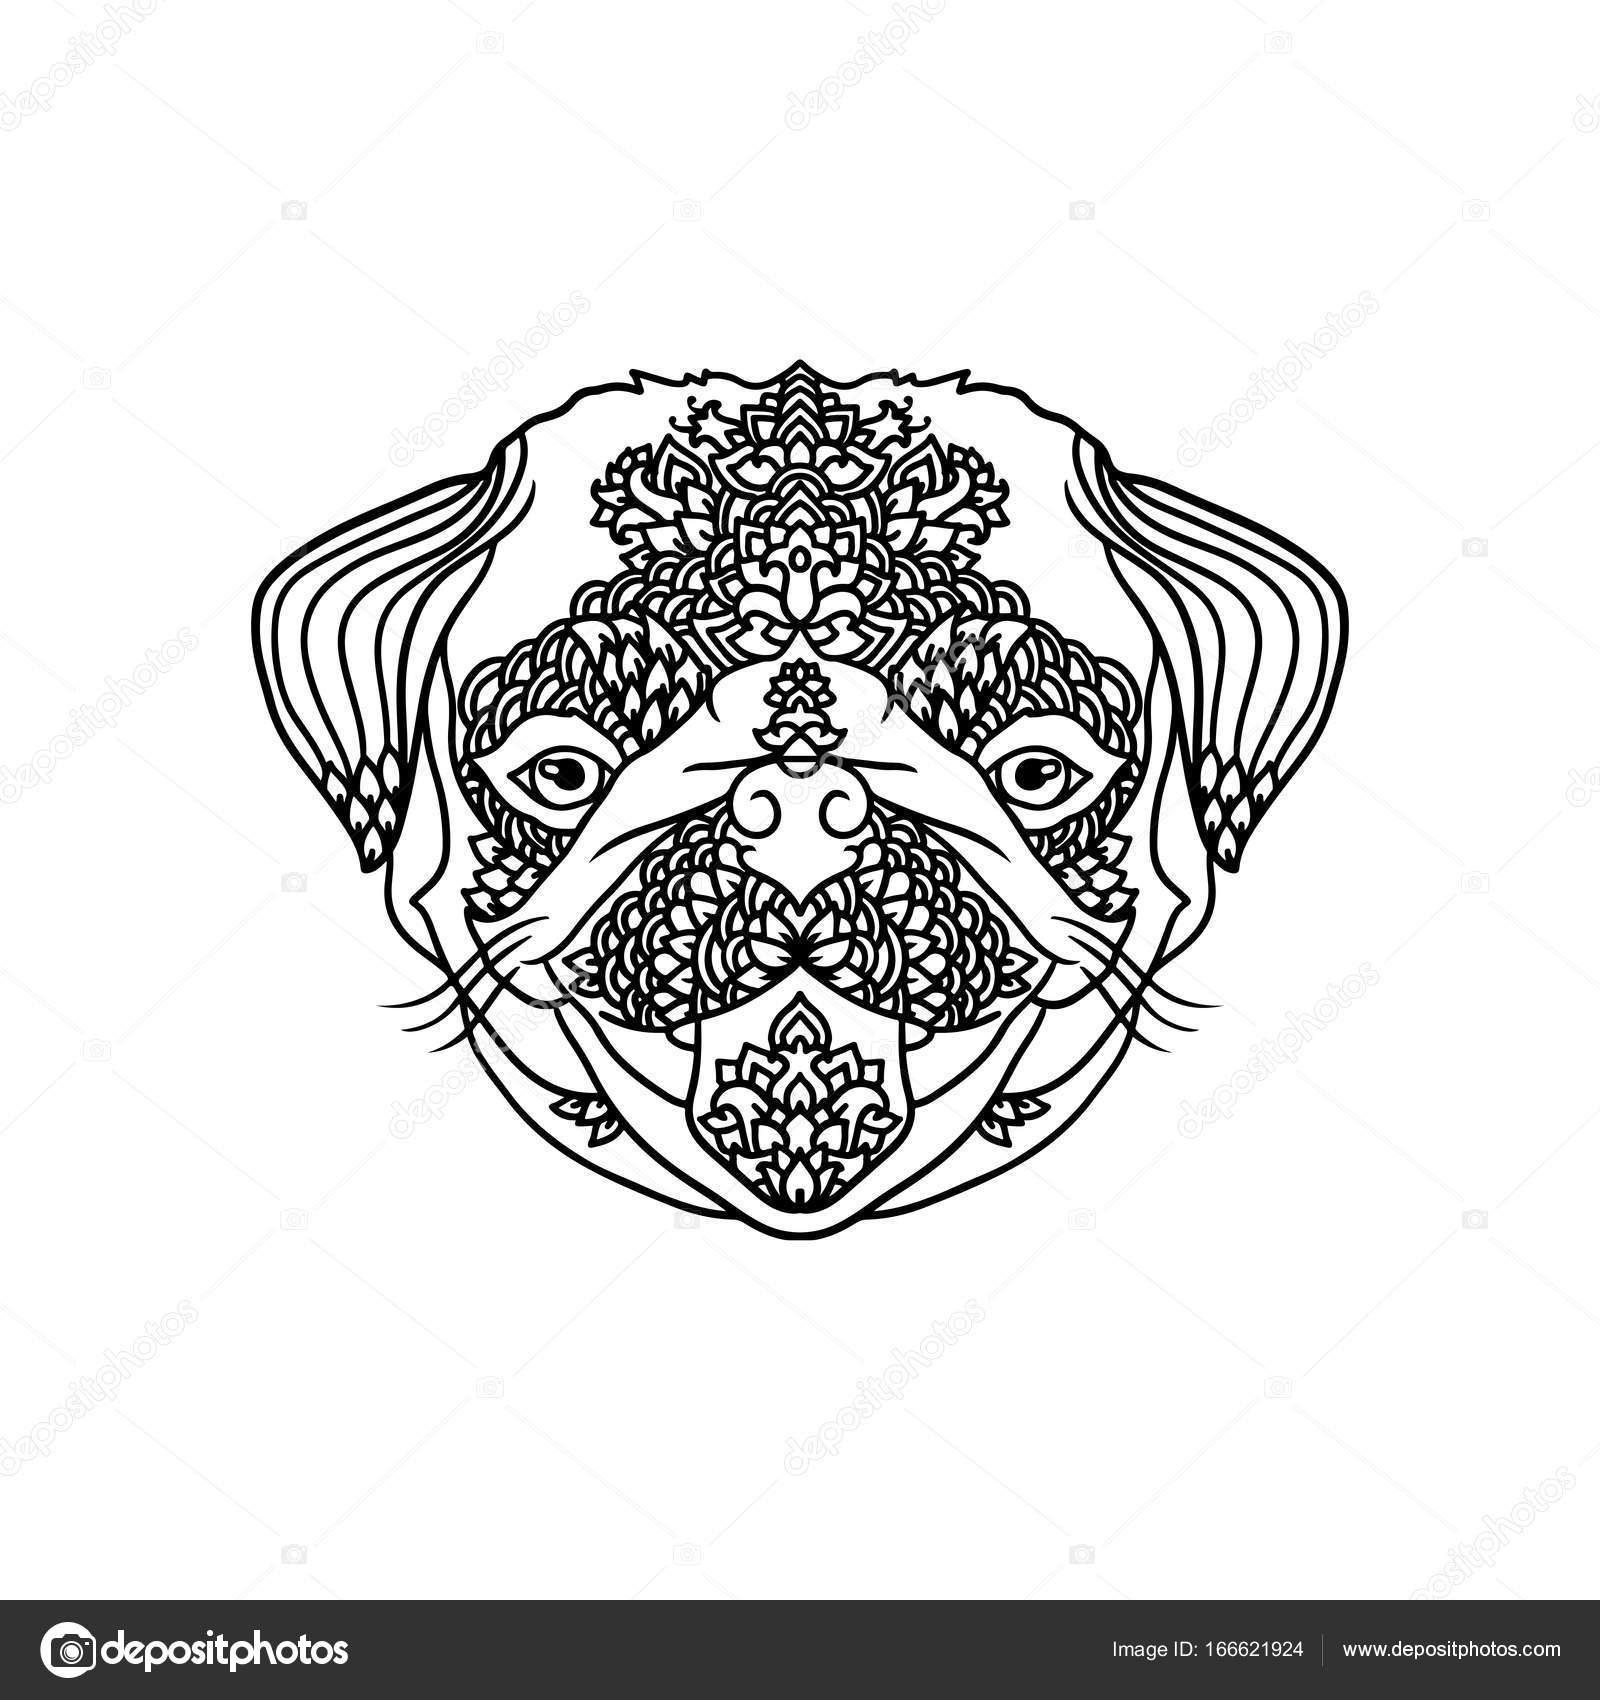 Pug negro y wite con adornos florales étnicos para adultos para ...